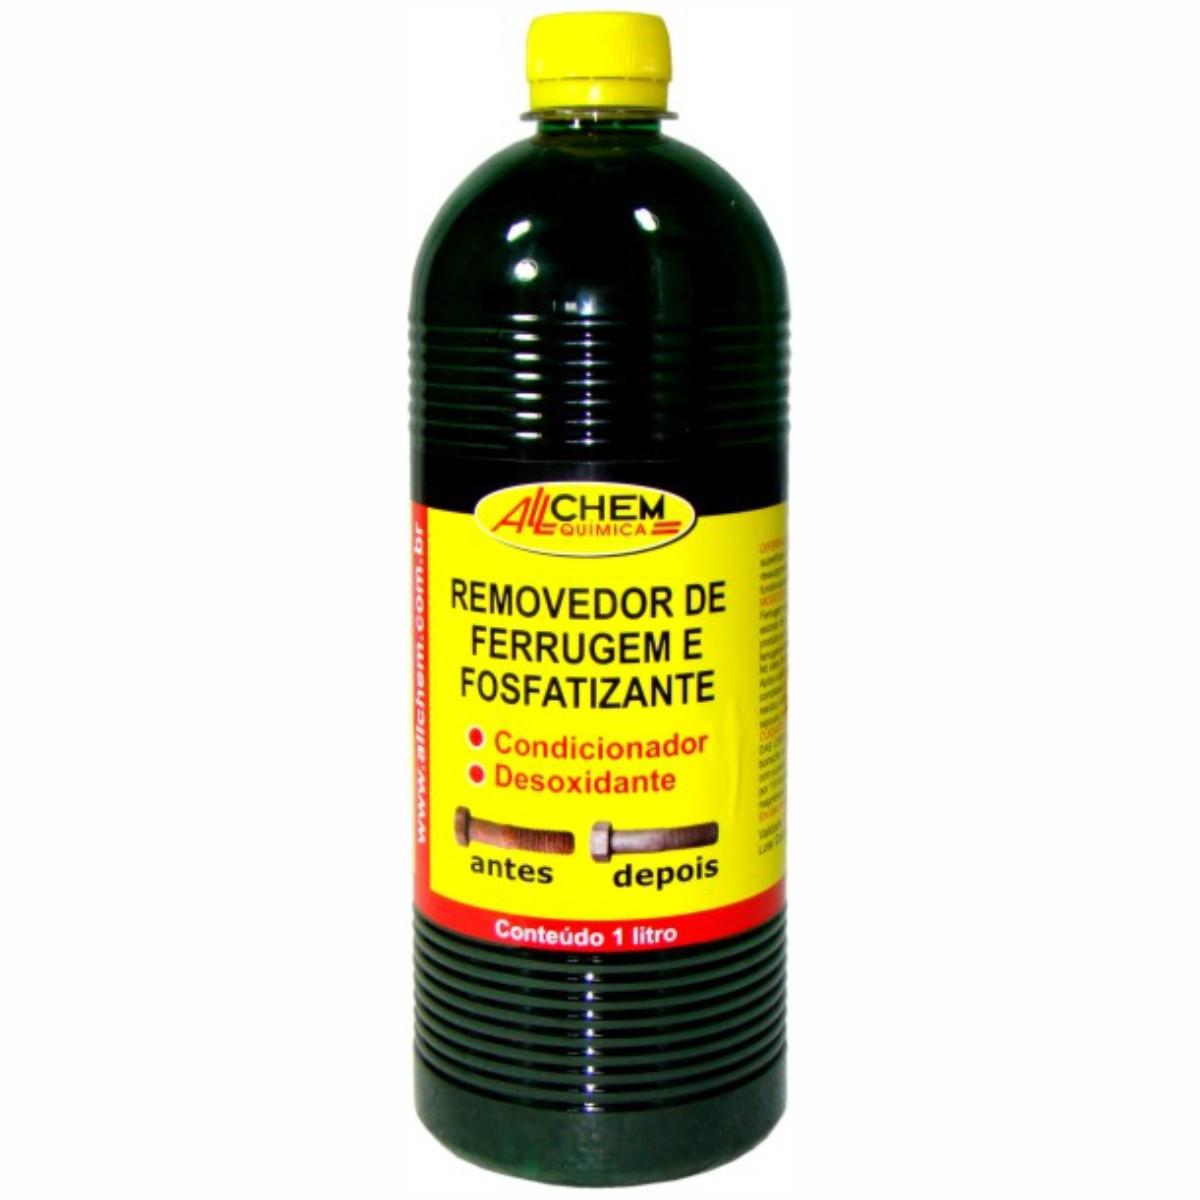 Removedor de Ferrugem e Fosfatizante 10L - Allchem